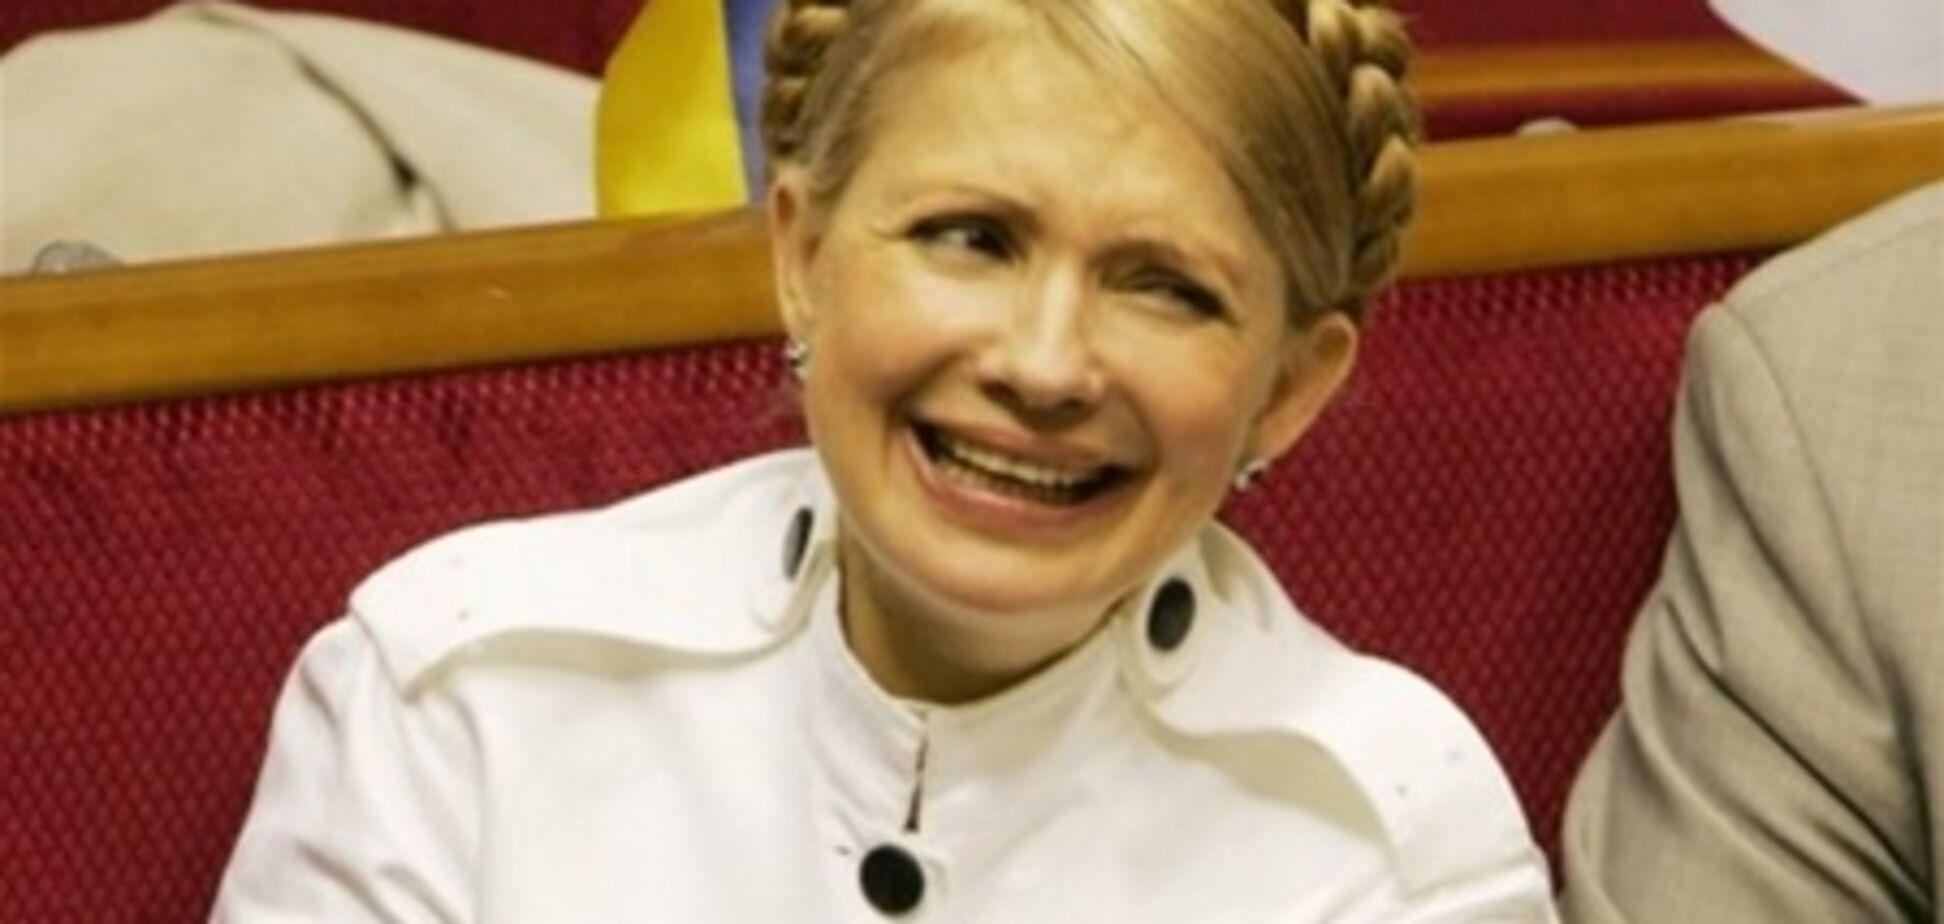 Автор порно про Тимошенко: я допоміг їй піти